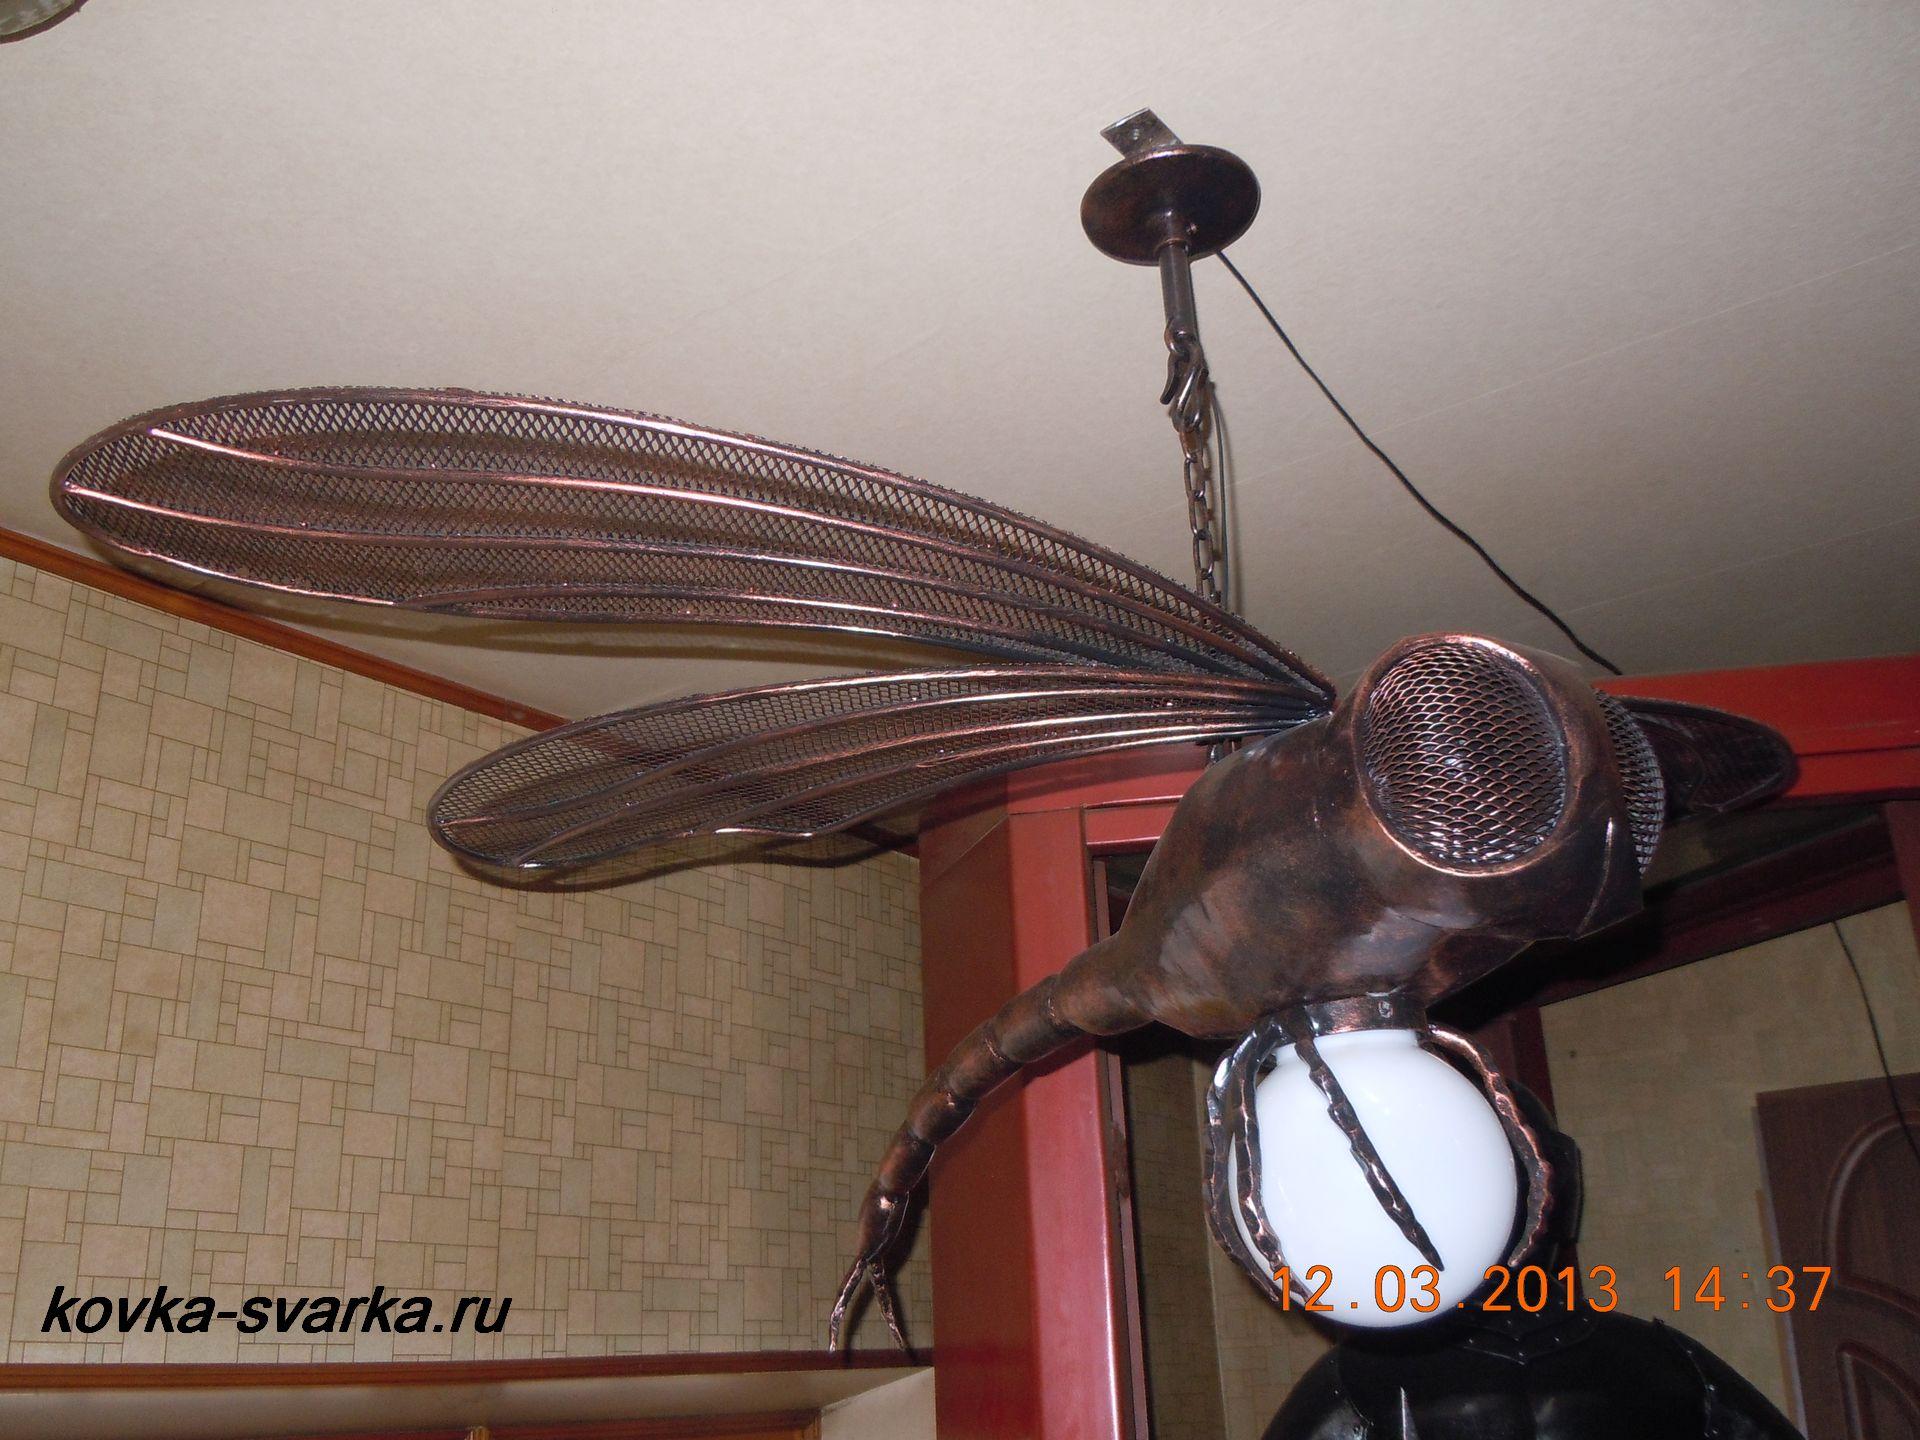 Фото кованой стрекозы